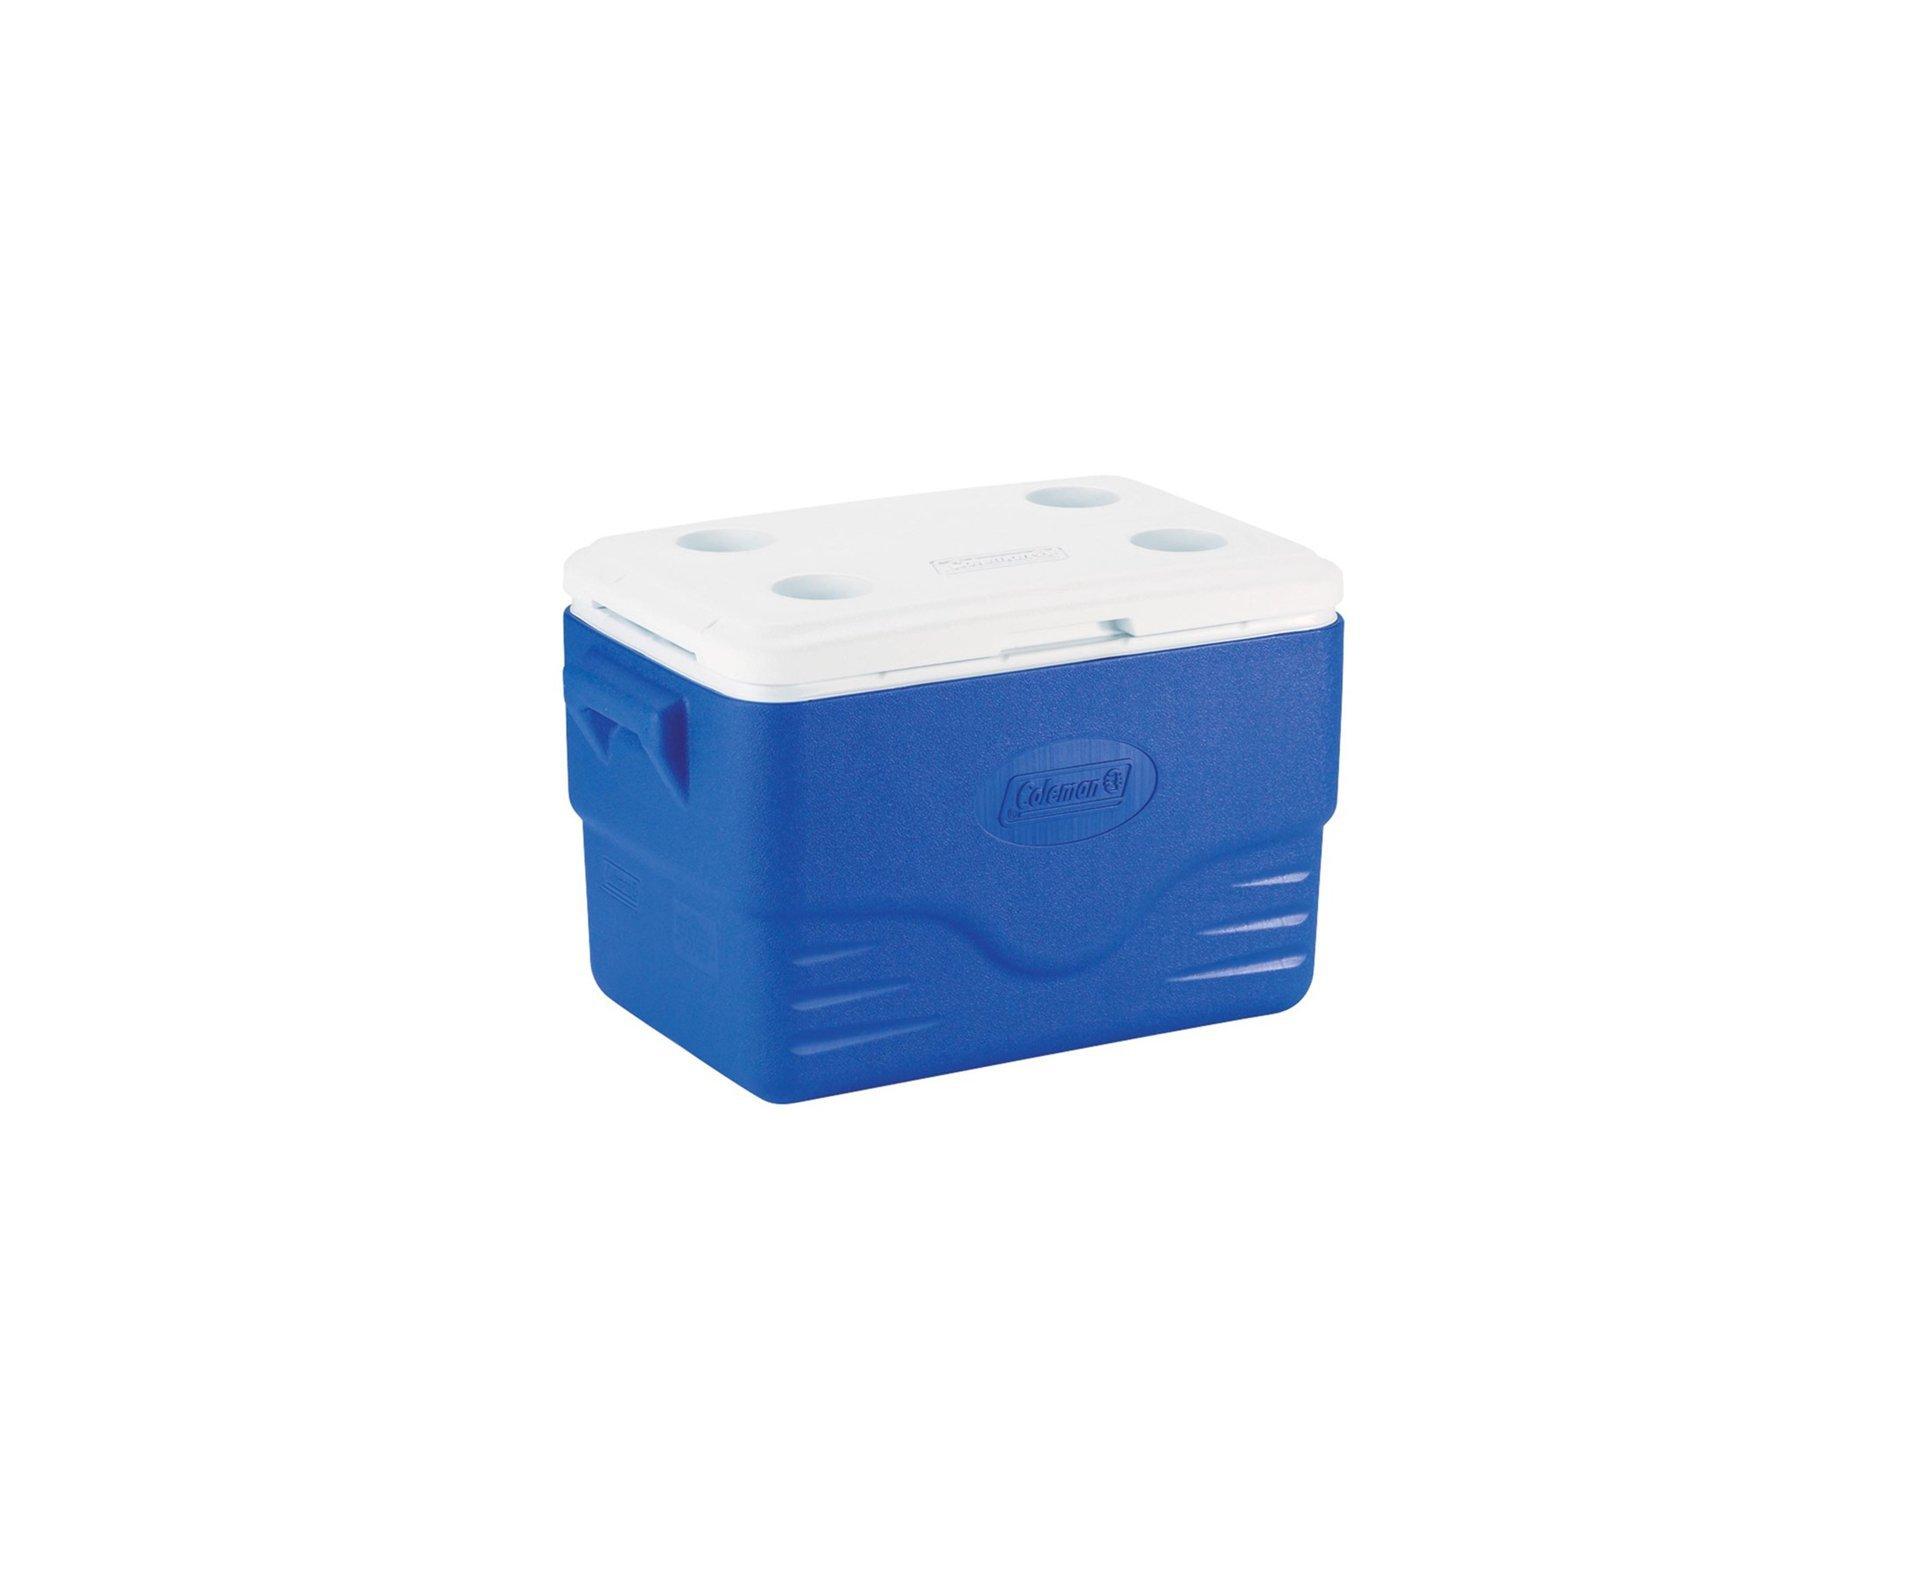 Caixa Térmica 34 Litros Azul - Coleman